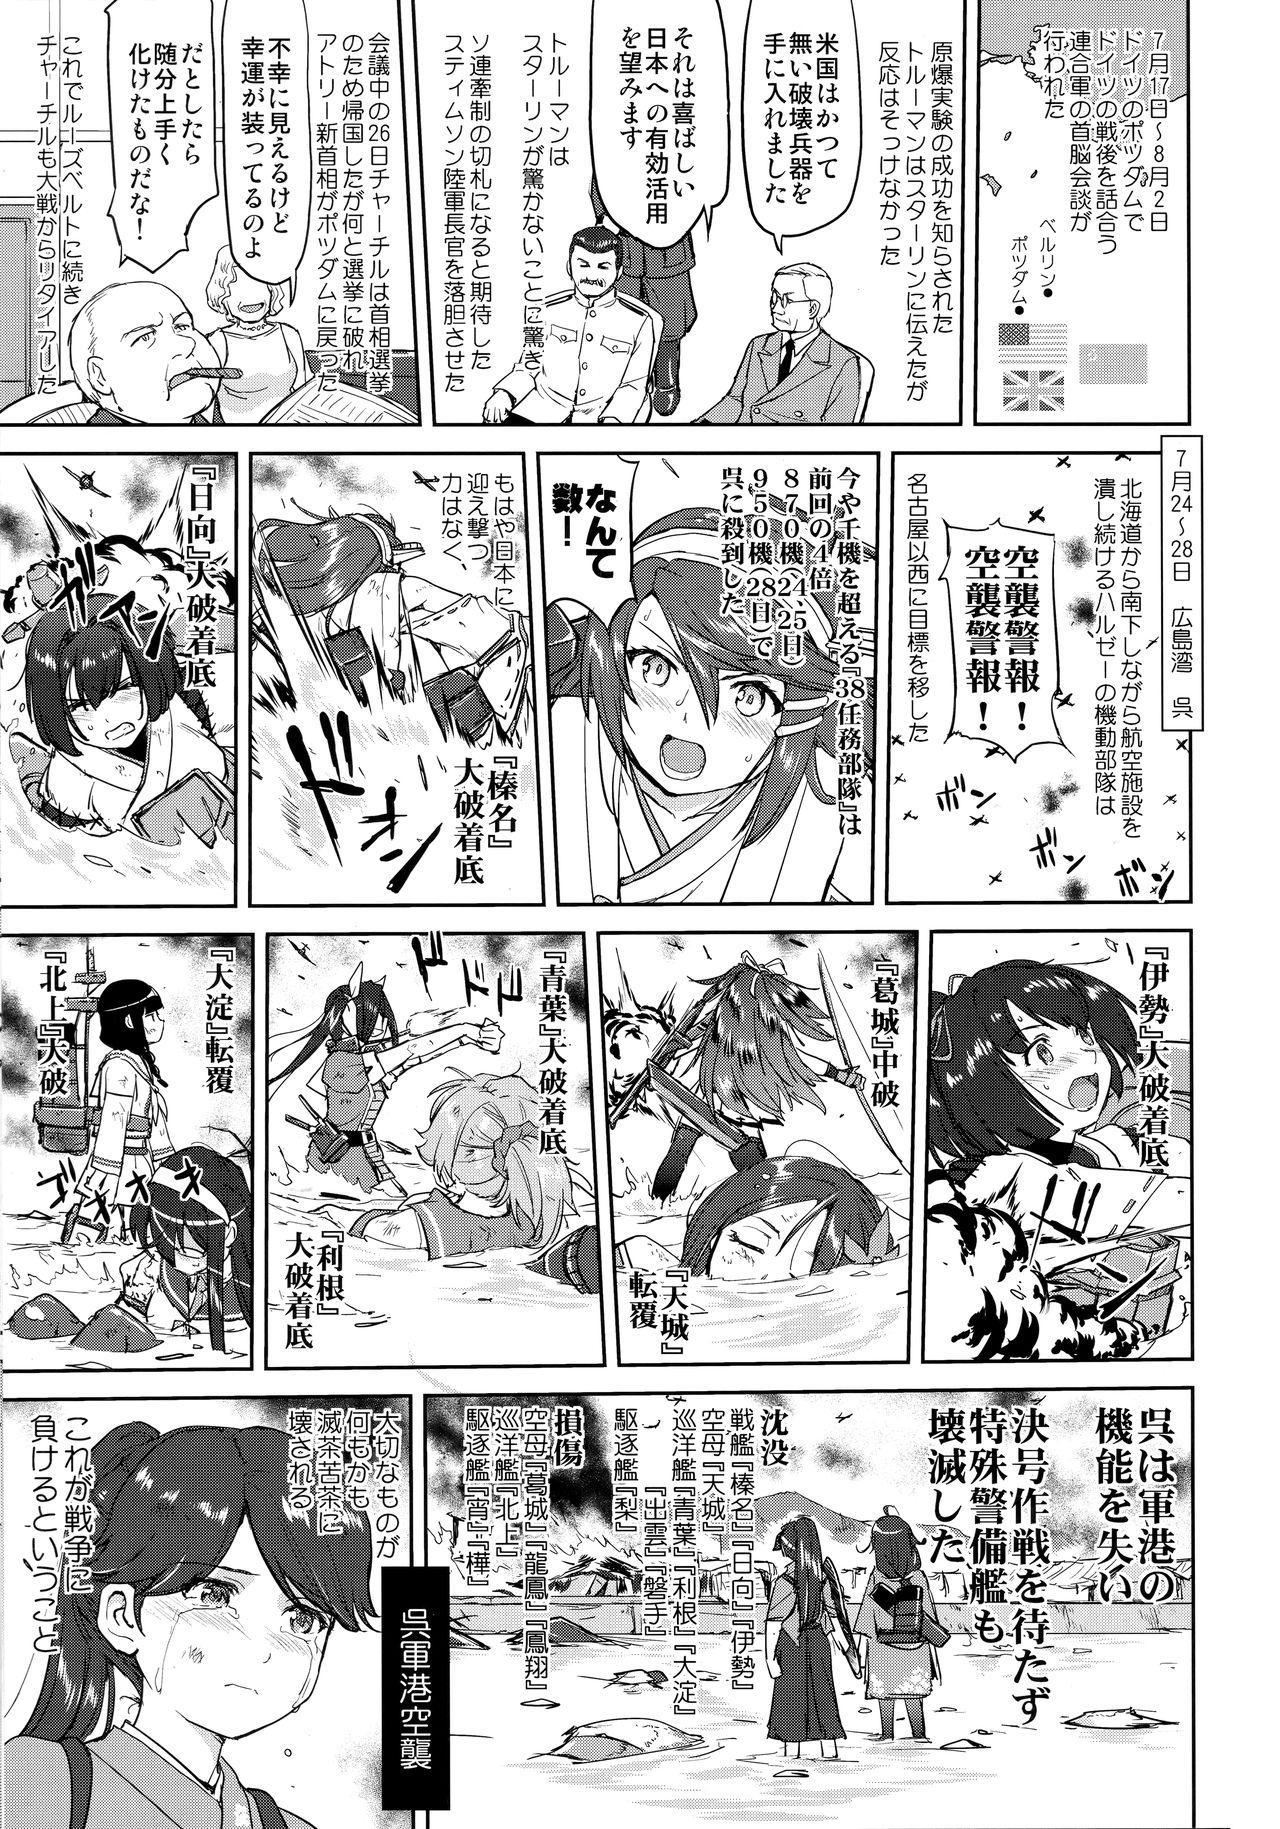 Teitoku no Ketsudan Kanmusu no Ichiban Nagai Hi 43